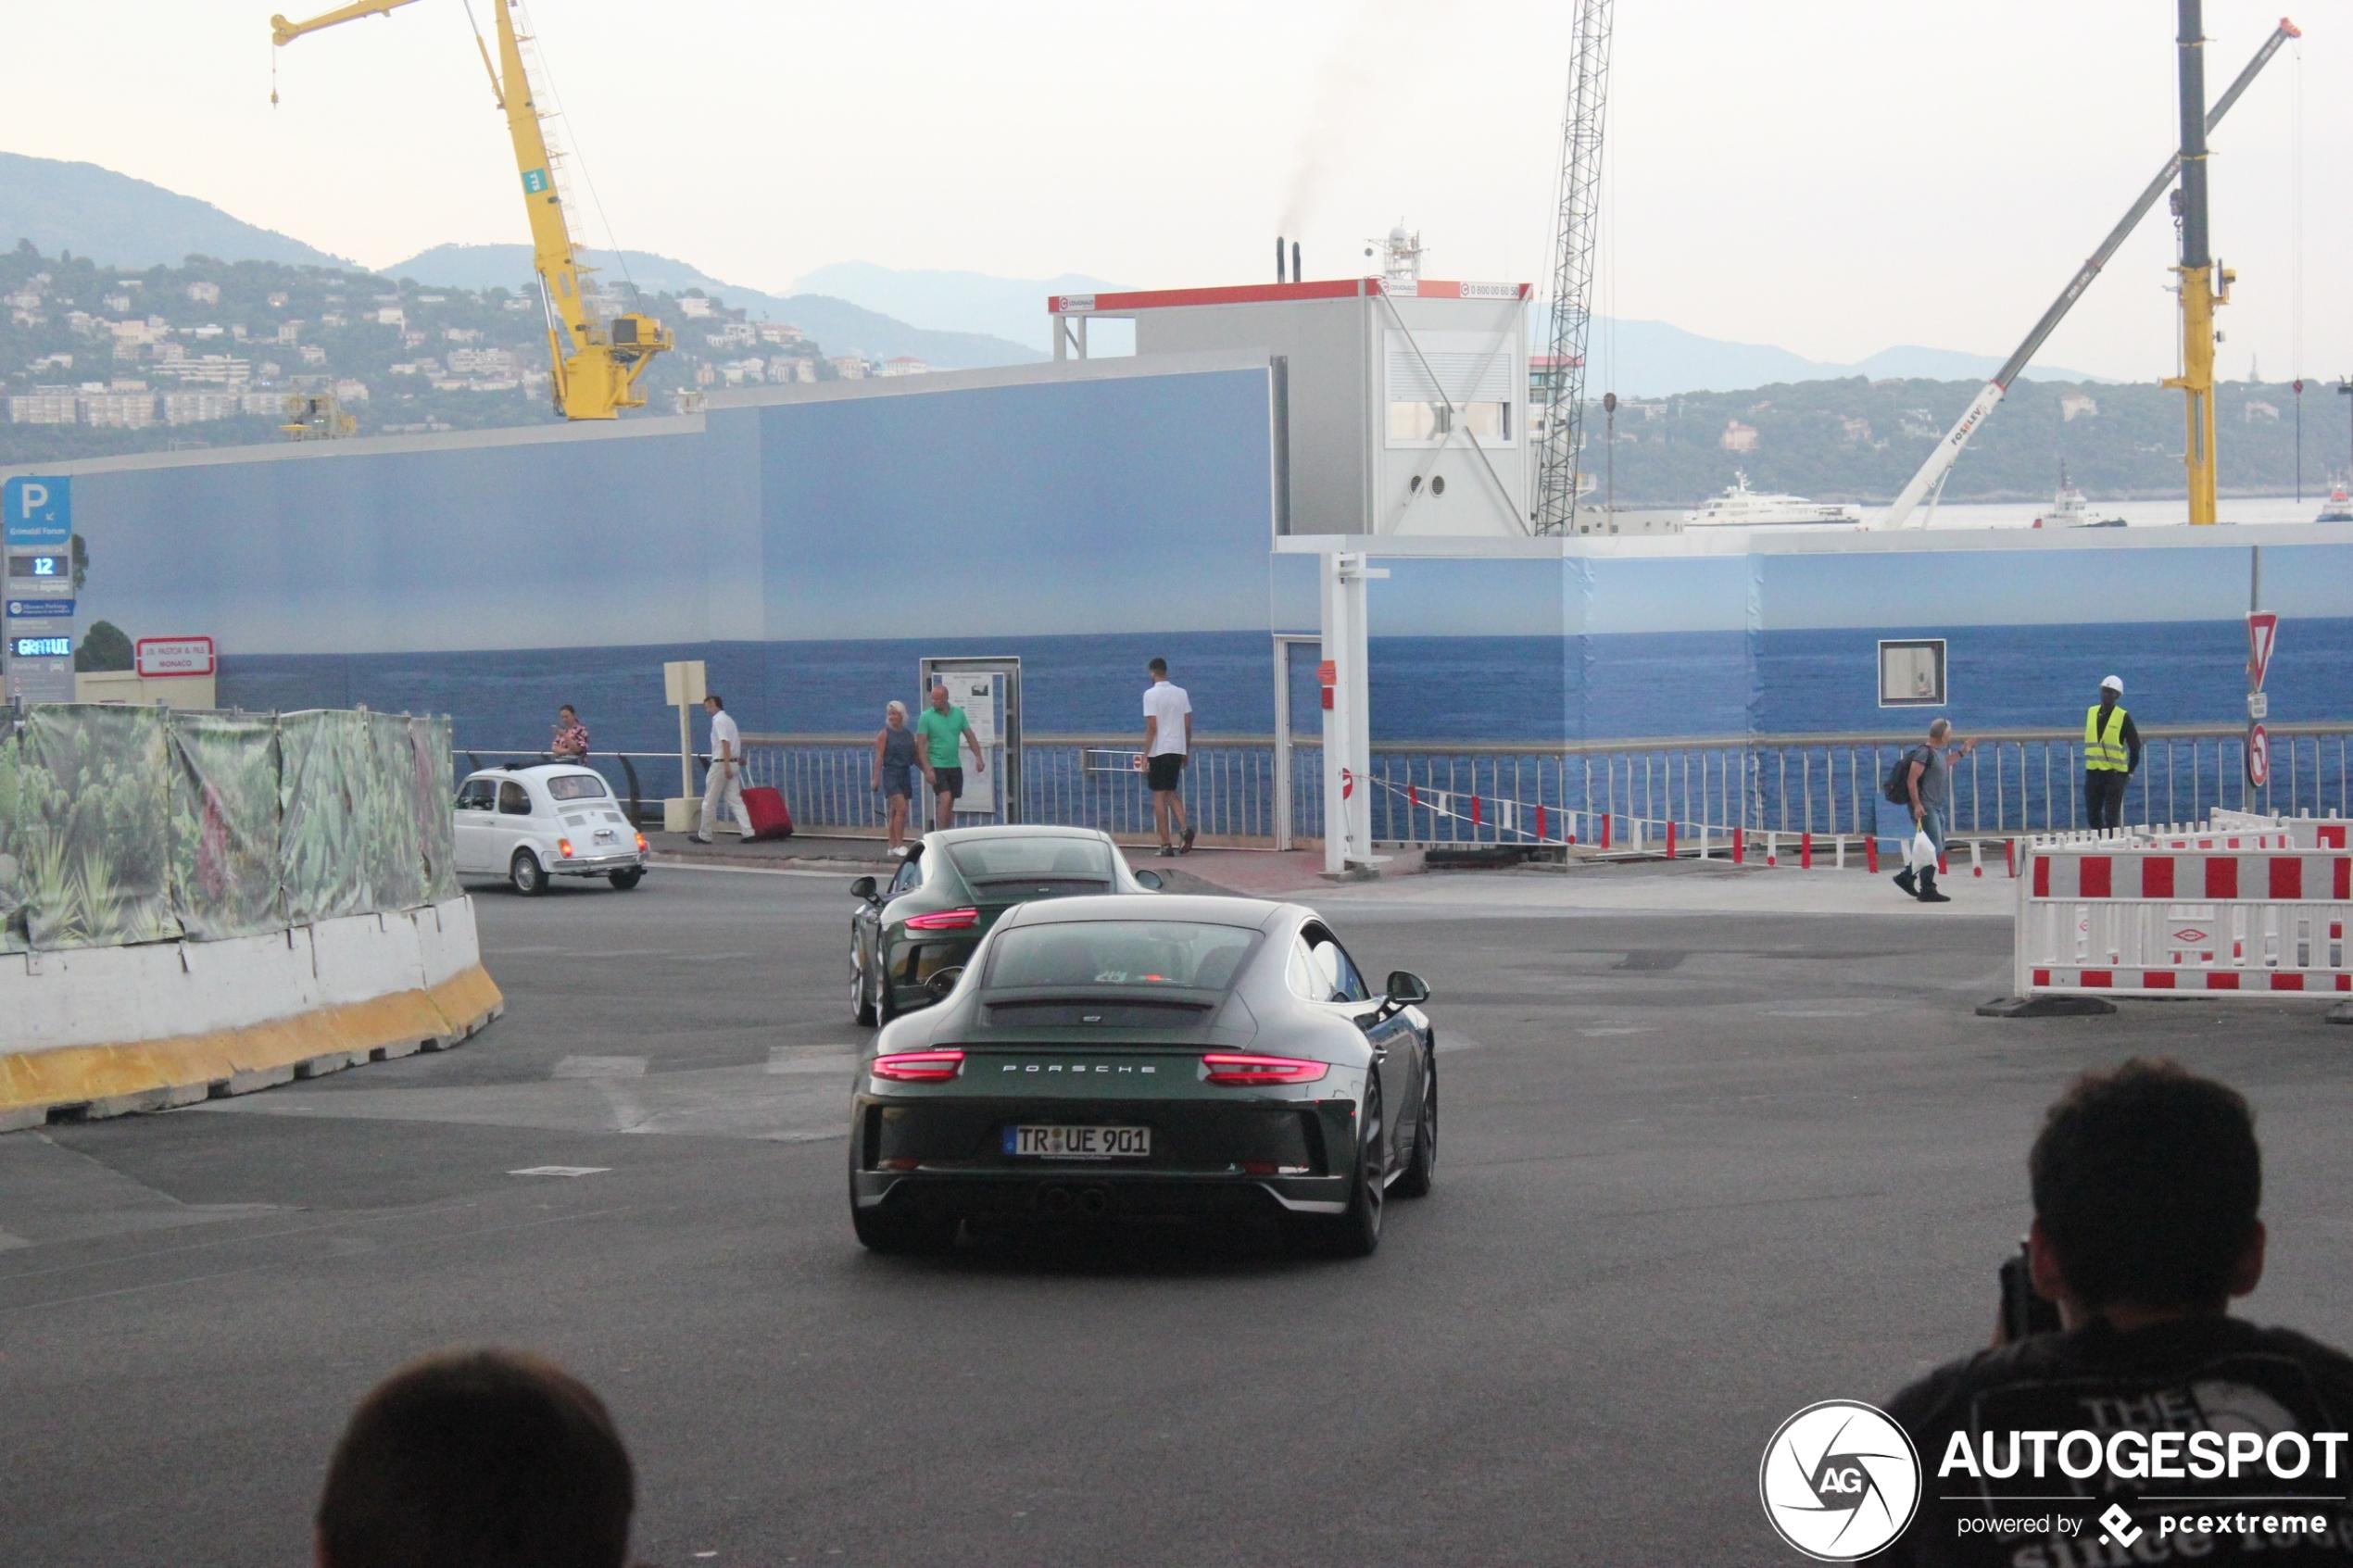 Irish Green Porsche duo ravot door Monaco